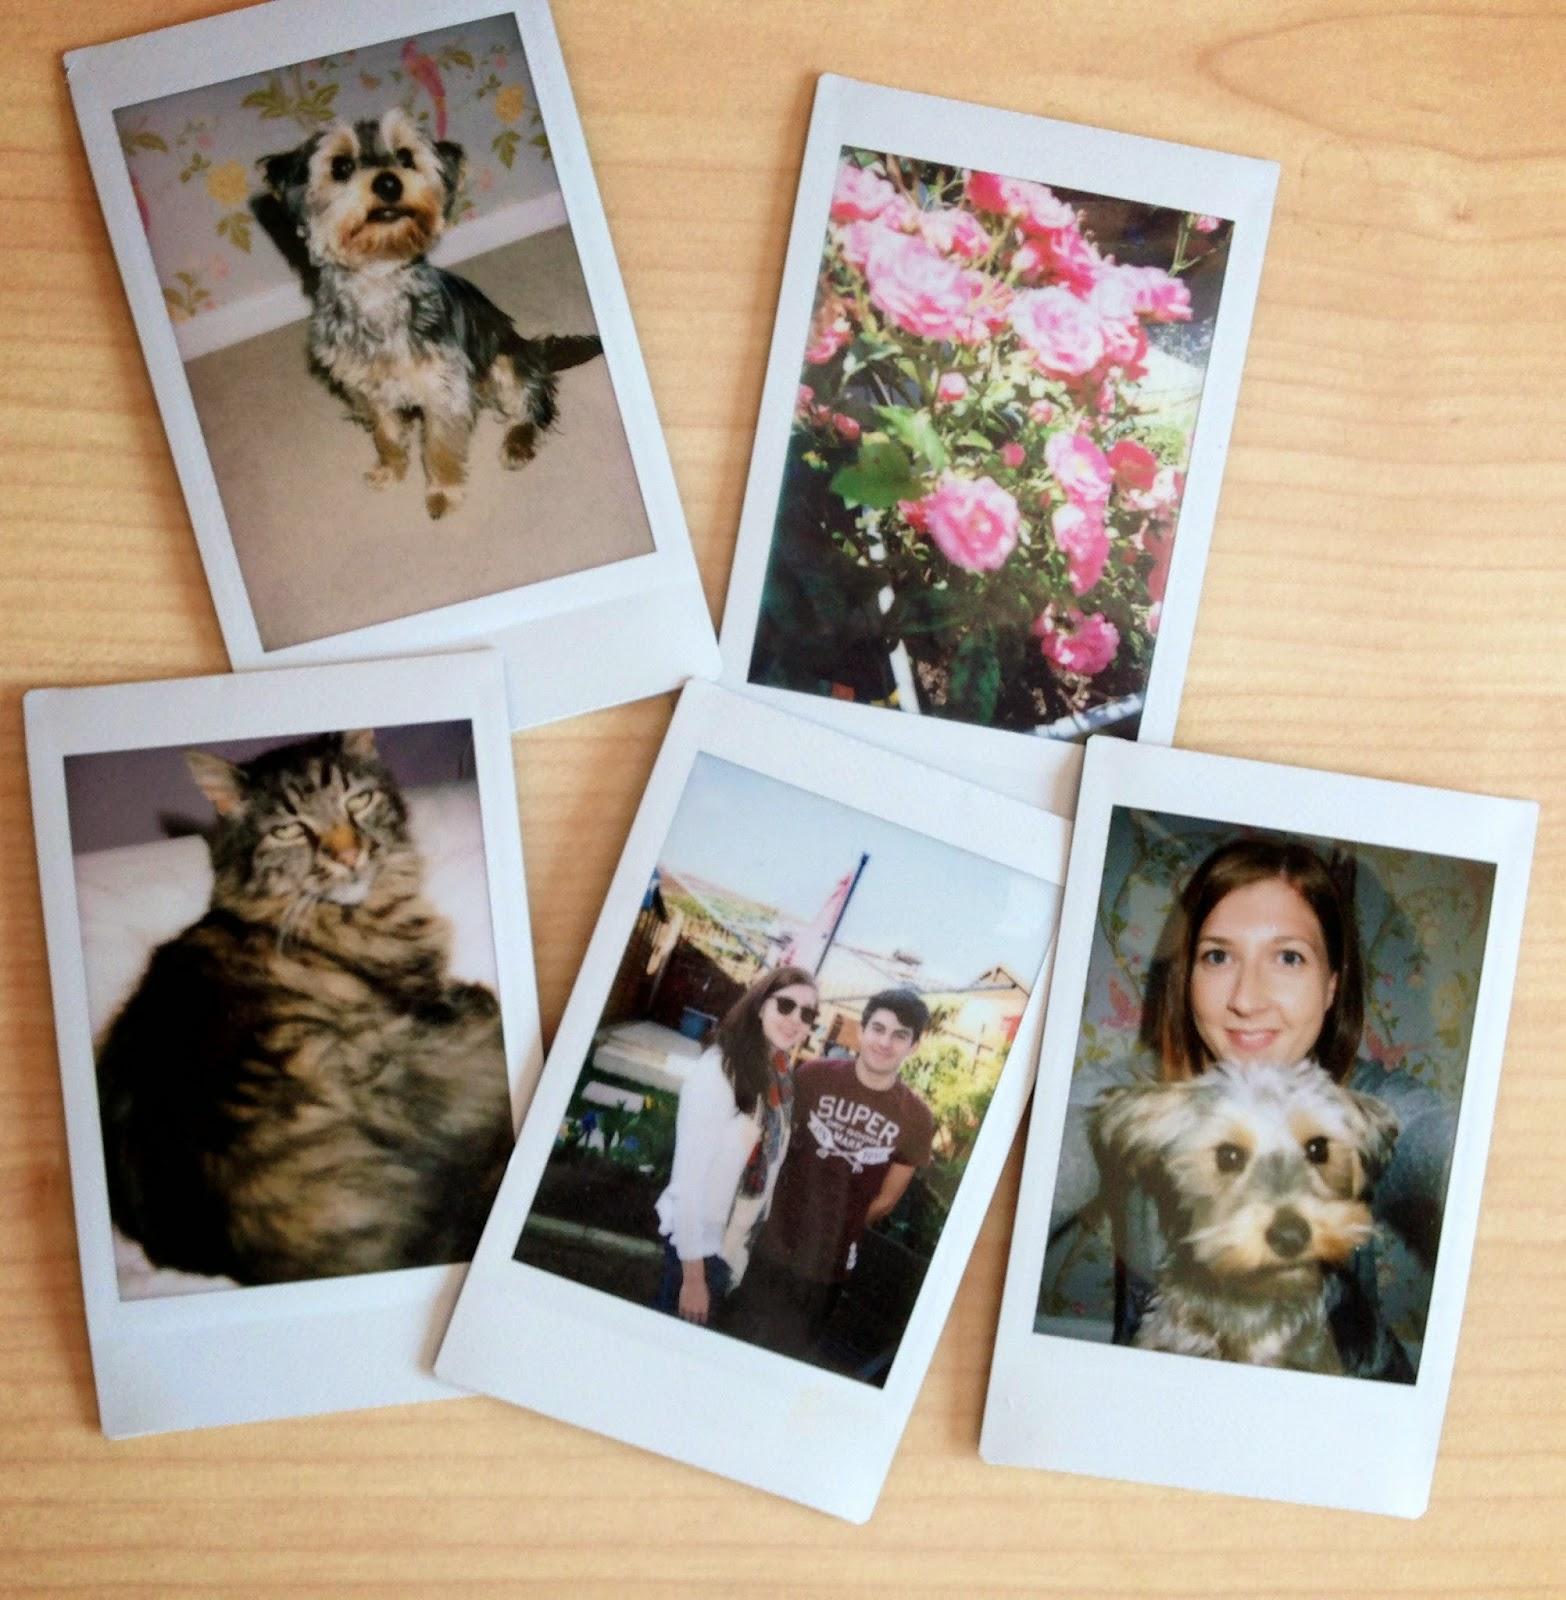 photography, instax mini, polaroid, fbloggers, fashionbloggers, lbloggers, lifestylebloggers, hobbies, fujifilm, argos, welovepolaroid